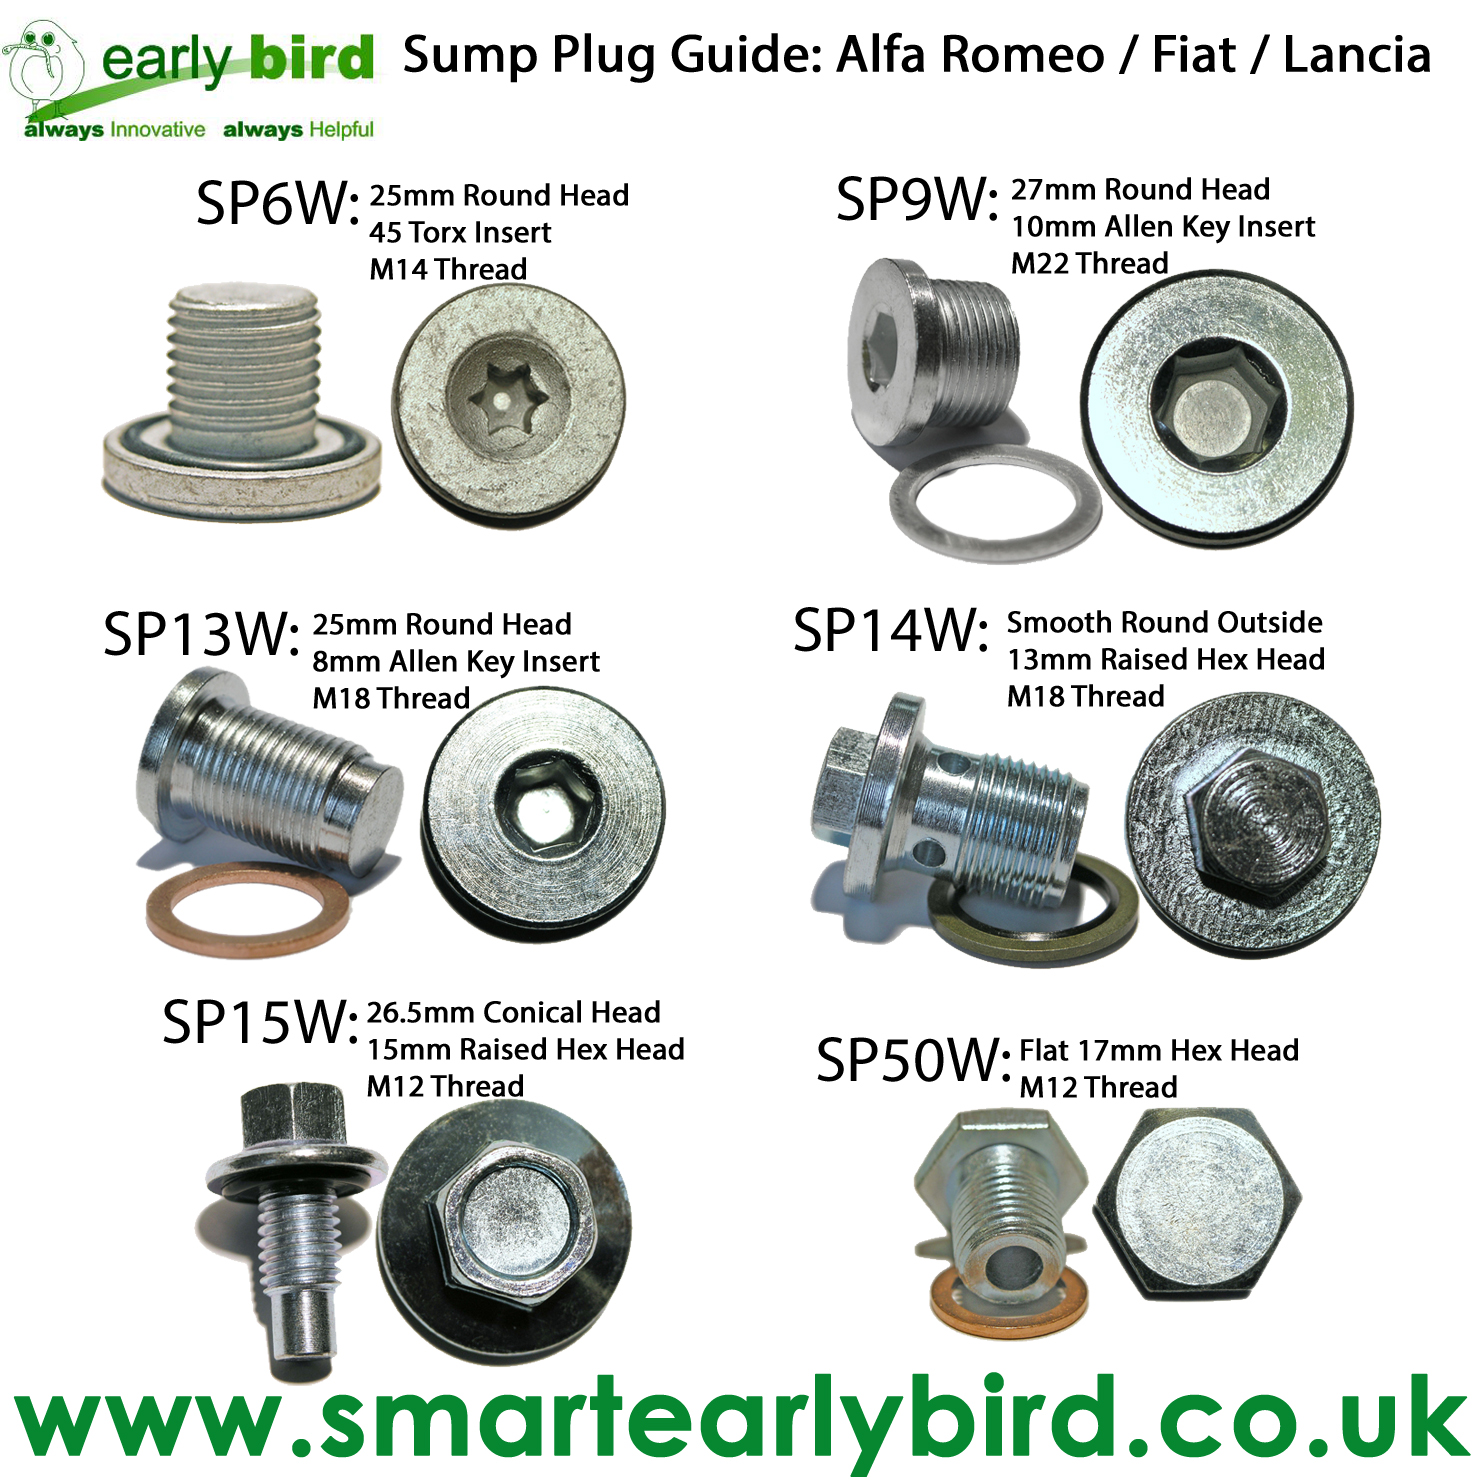 sump-plug-guide-alfa-romeo-fiat-lancia-.jpg